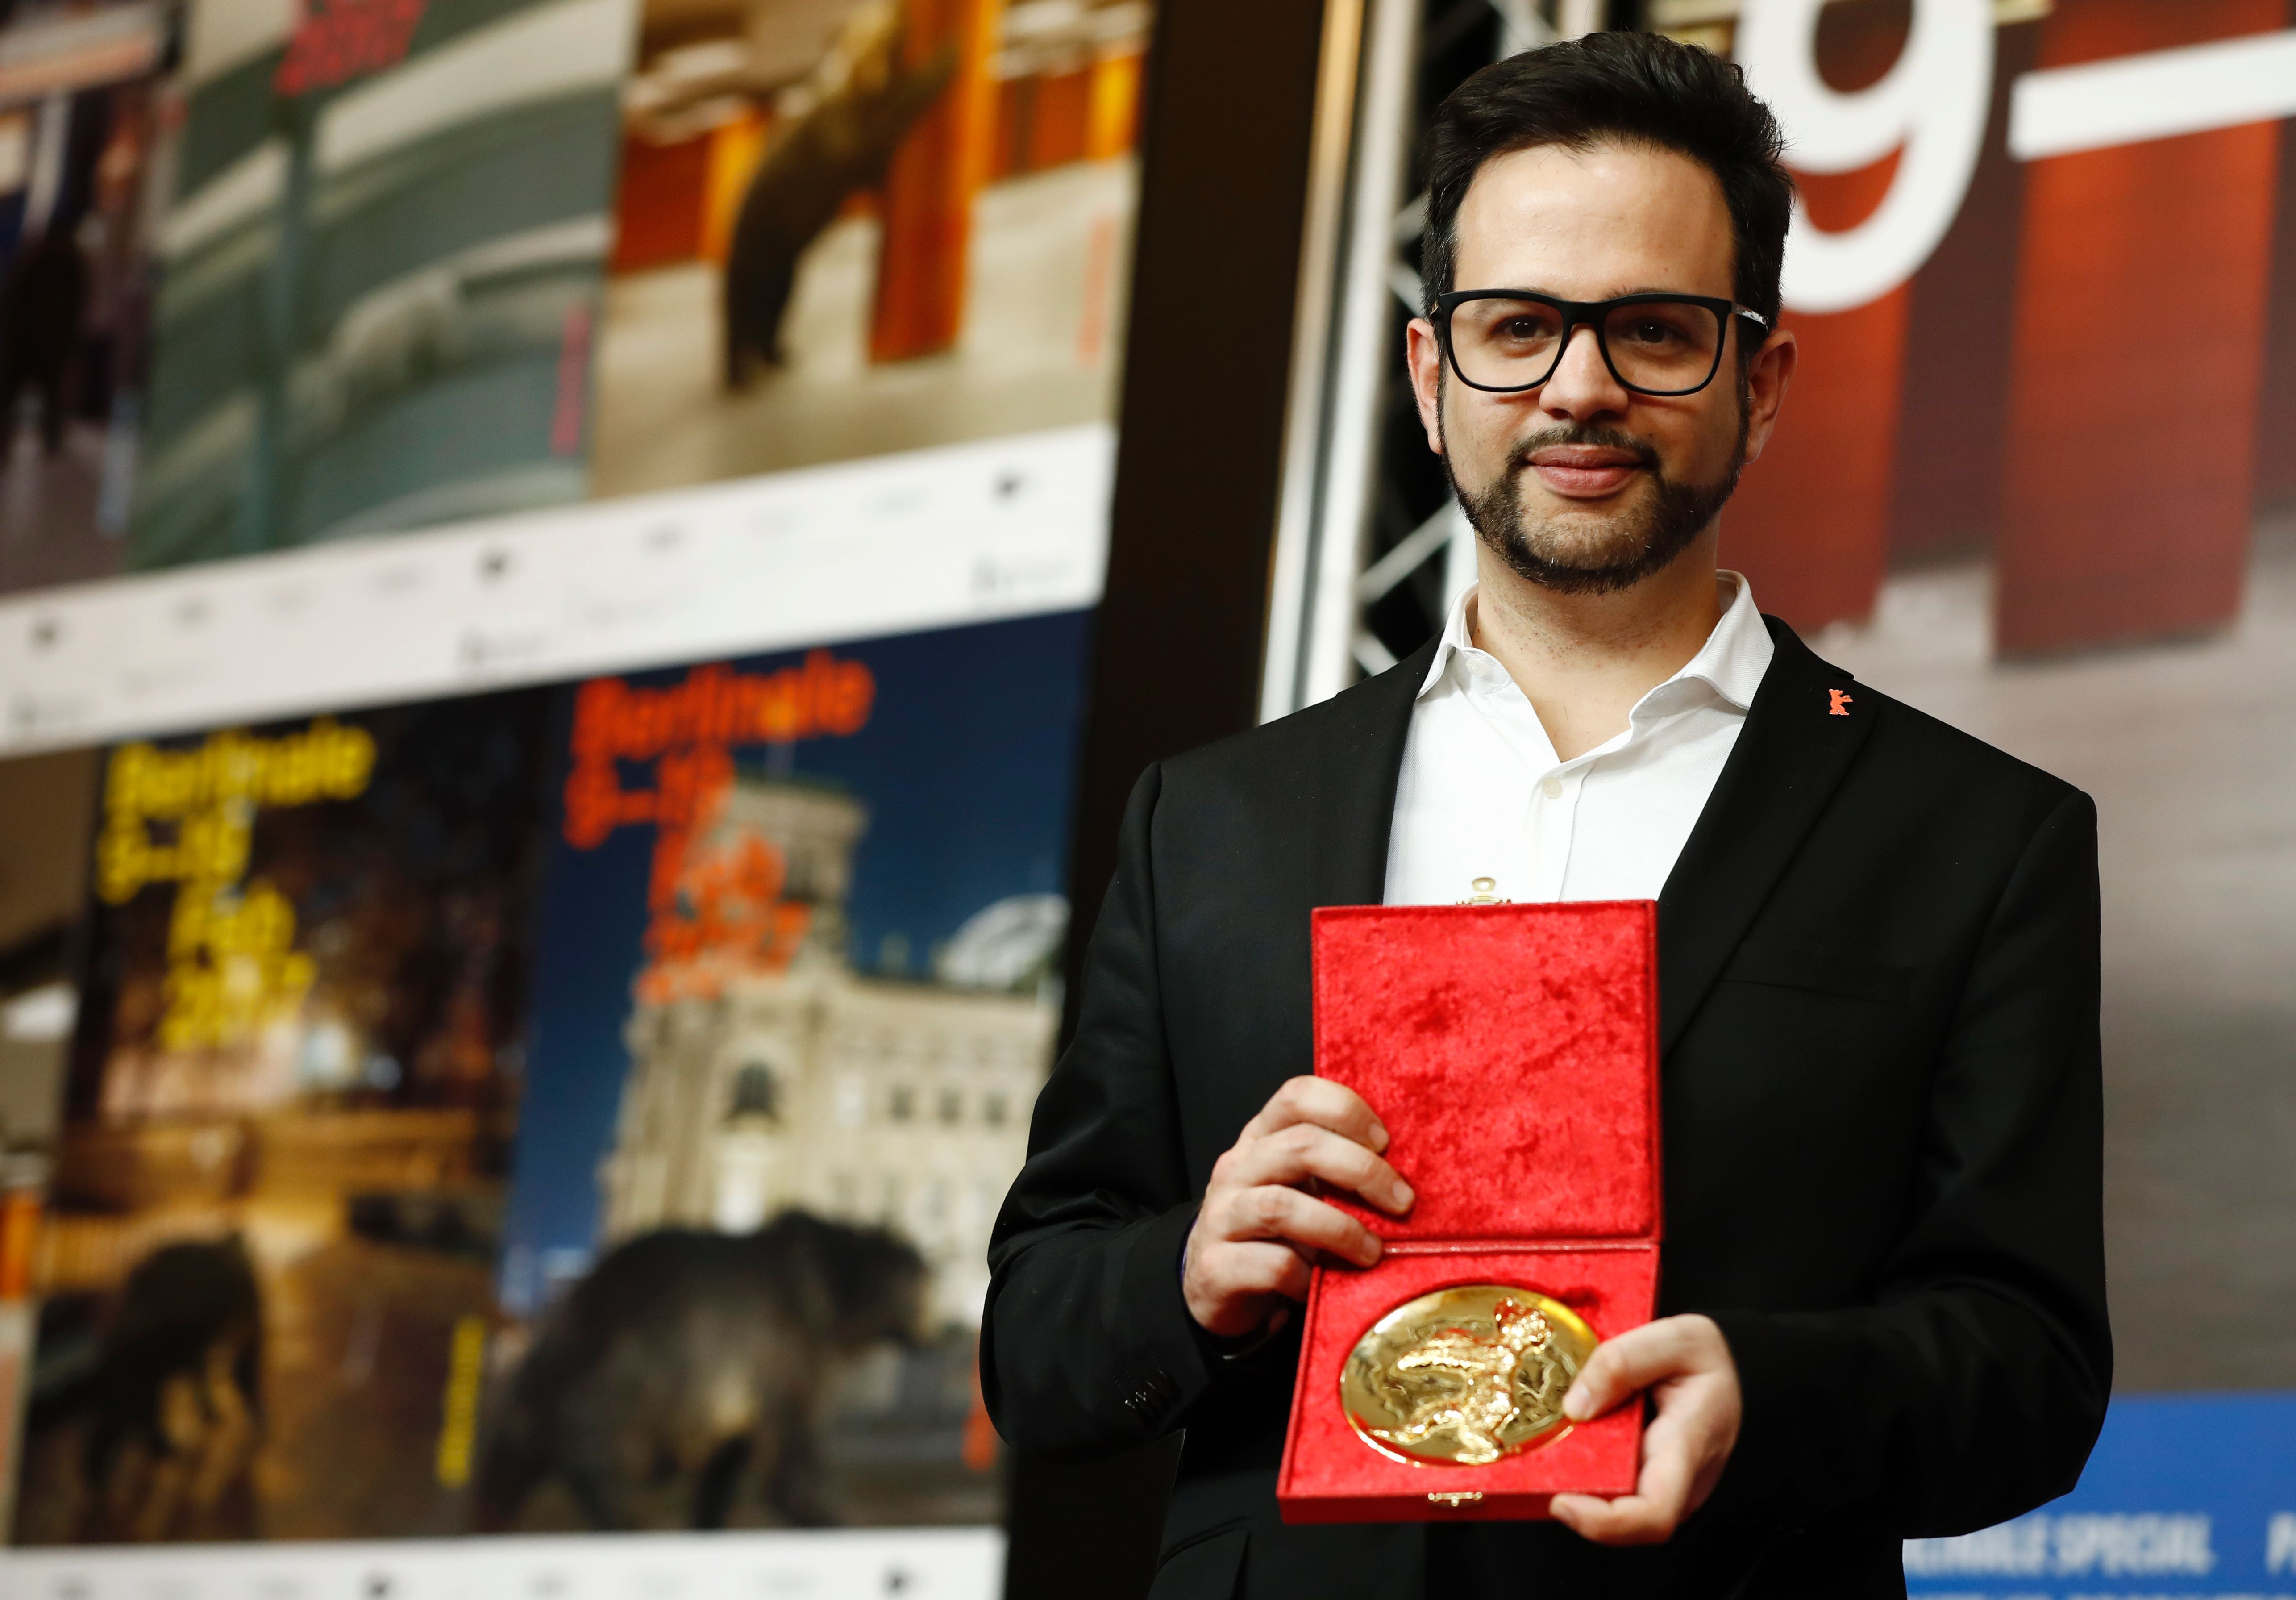 Português Diogo Costa Amarante vence Urso de Ouro para melhor curta-metragem